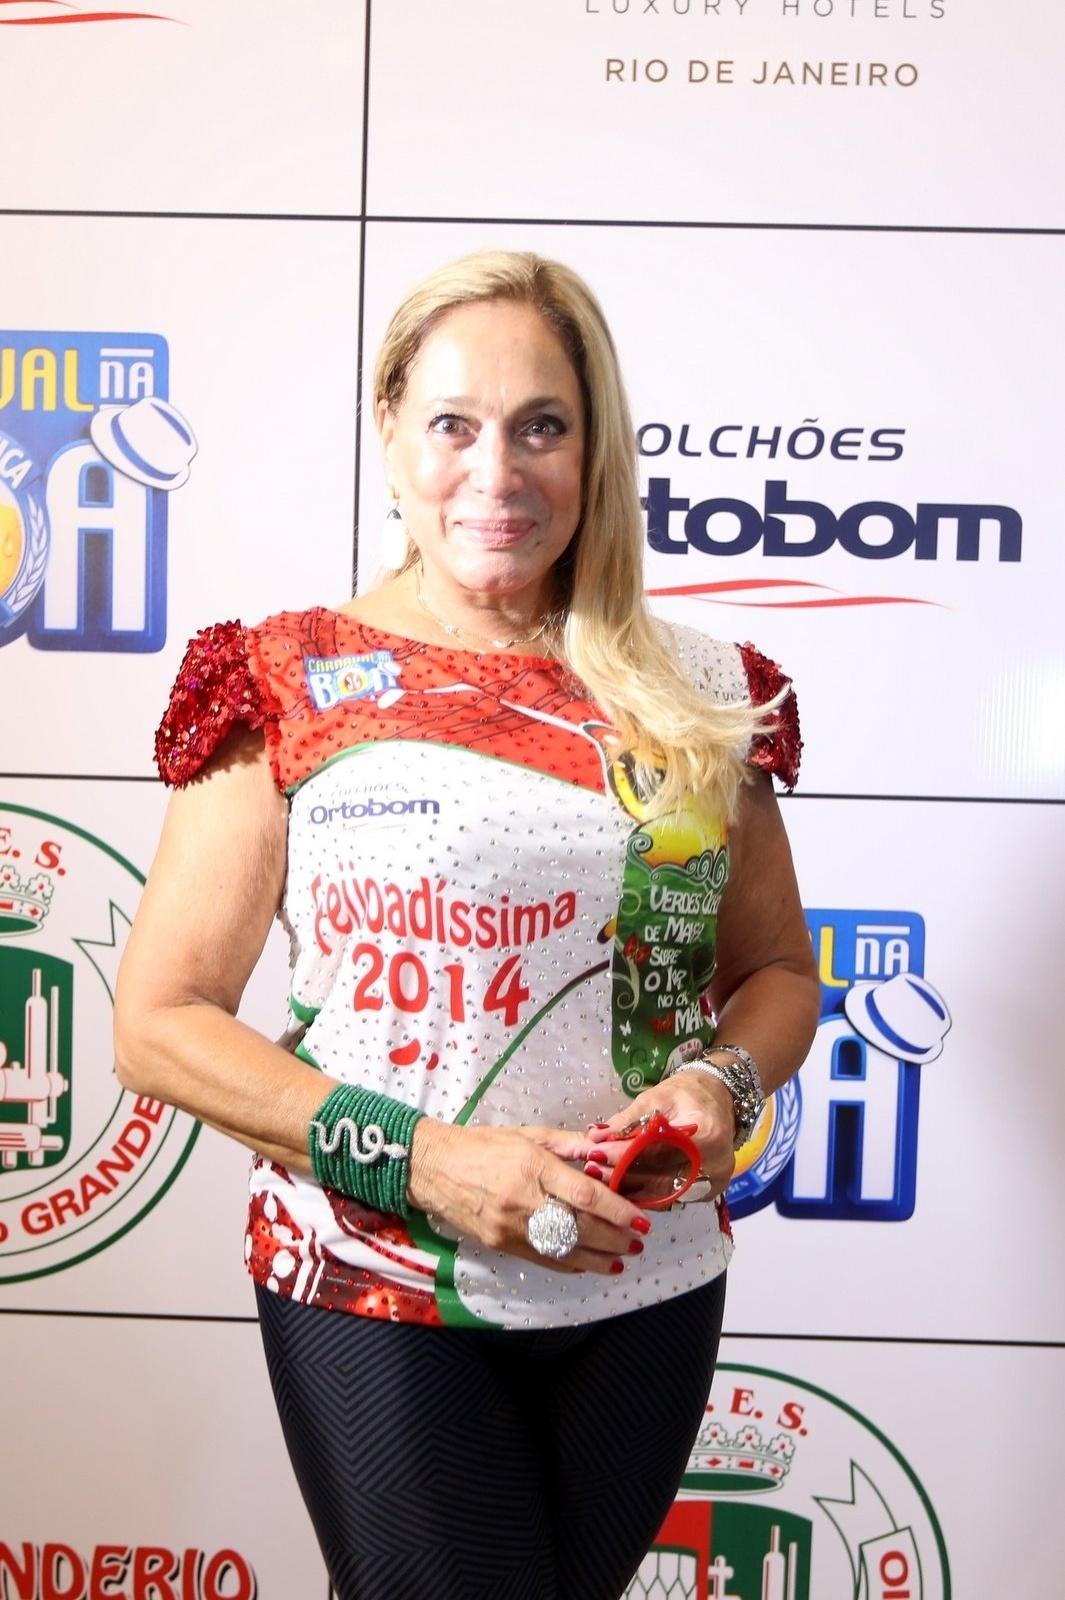 23.fev.2014 - Susana Vieira na Feijoada da Grande Rio no Hotel Royal Tulip, em São Conrado, na Zona Sul do Rio de Janeiro, na tarde deste domingo (23)